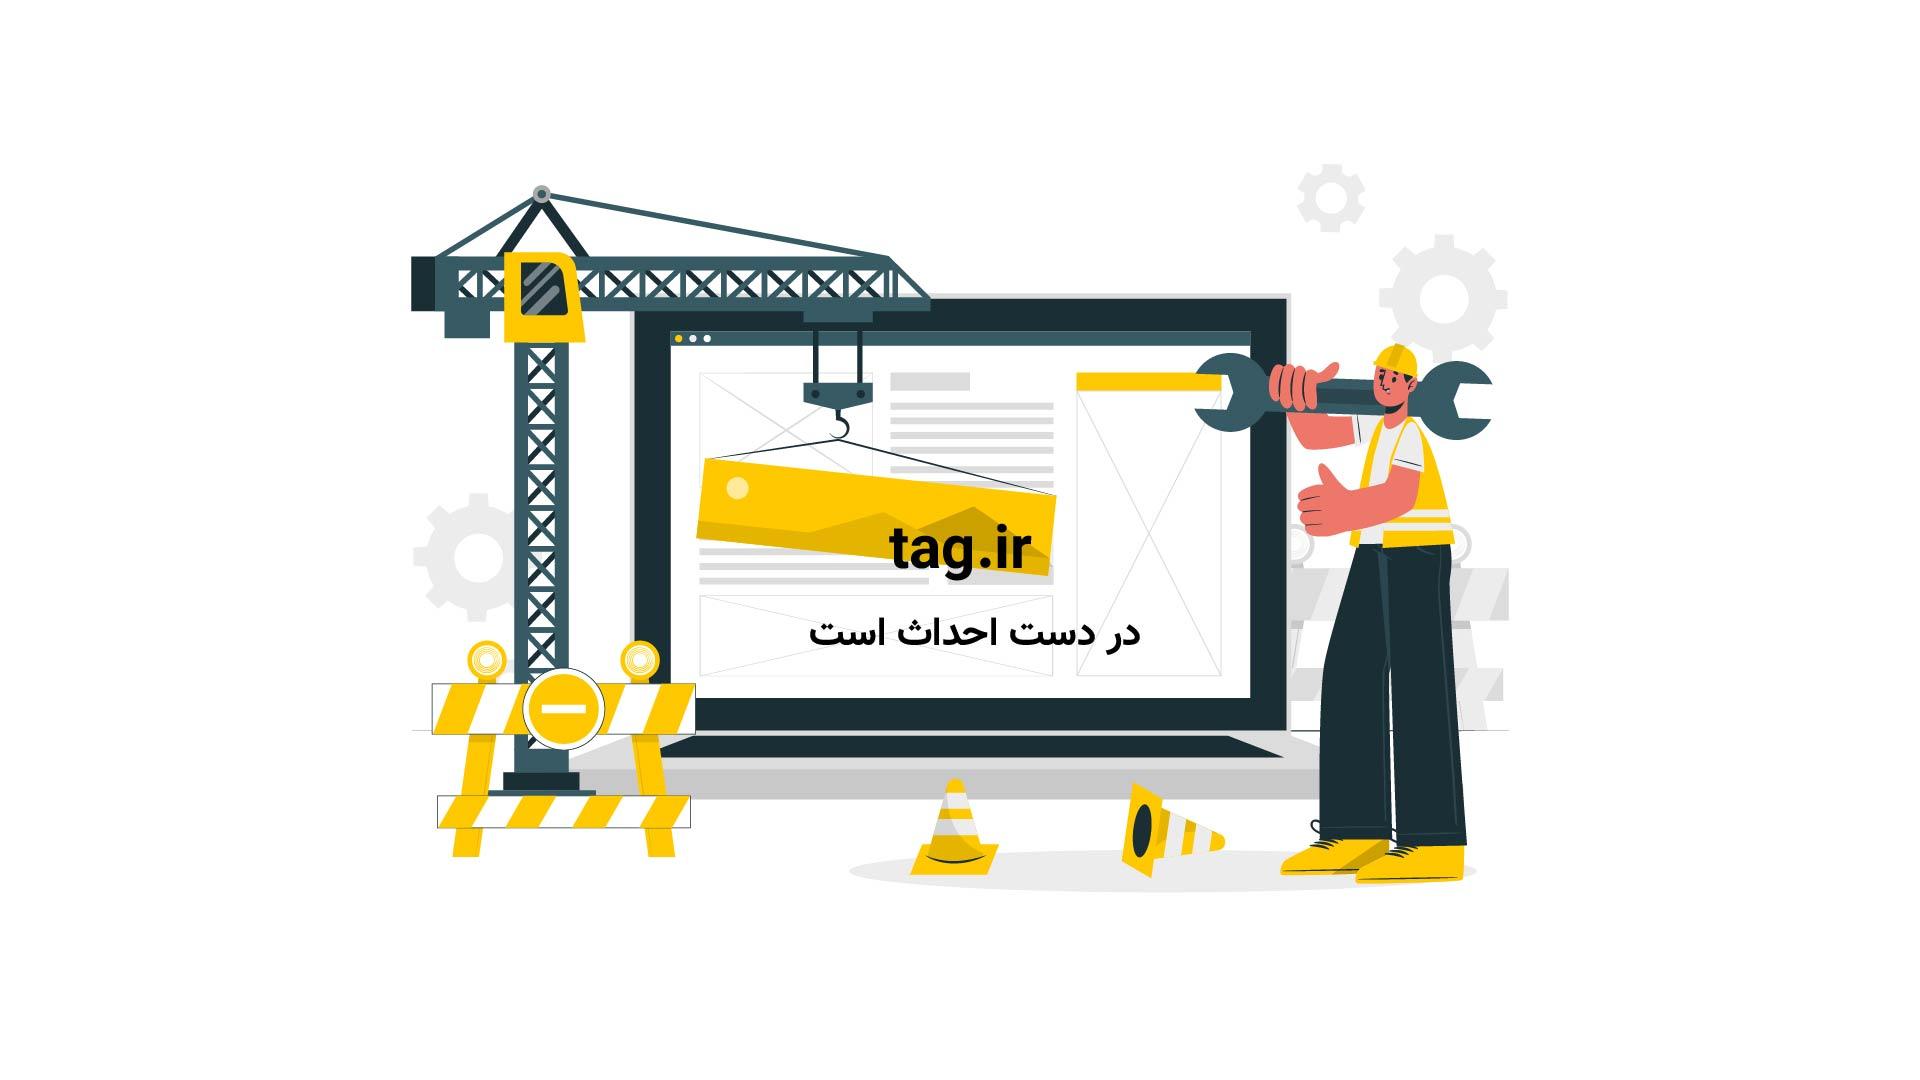 حمله گروهی شیرها برای از پا درآوردن و به زمین انداختن زرافه | فیلم